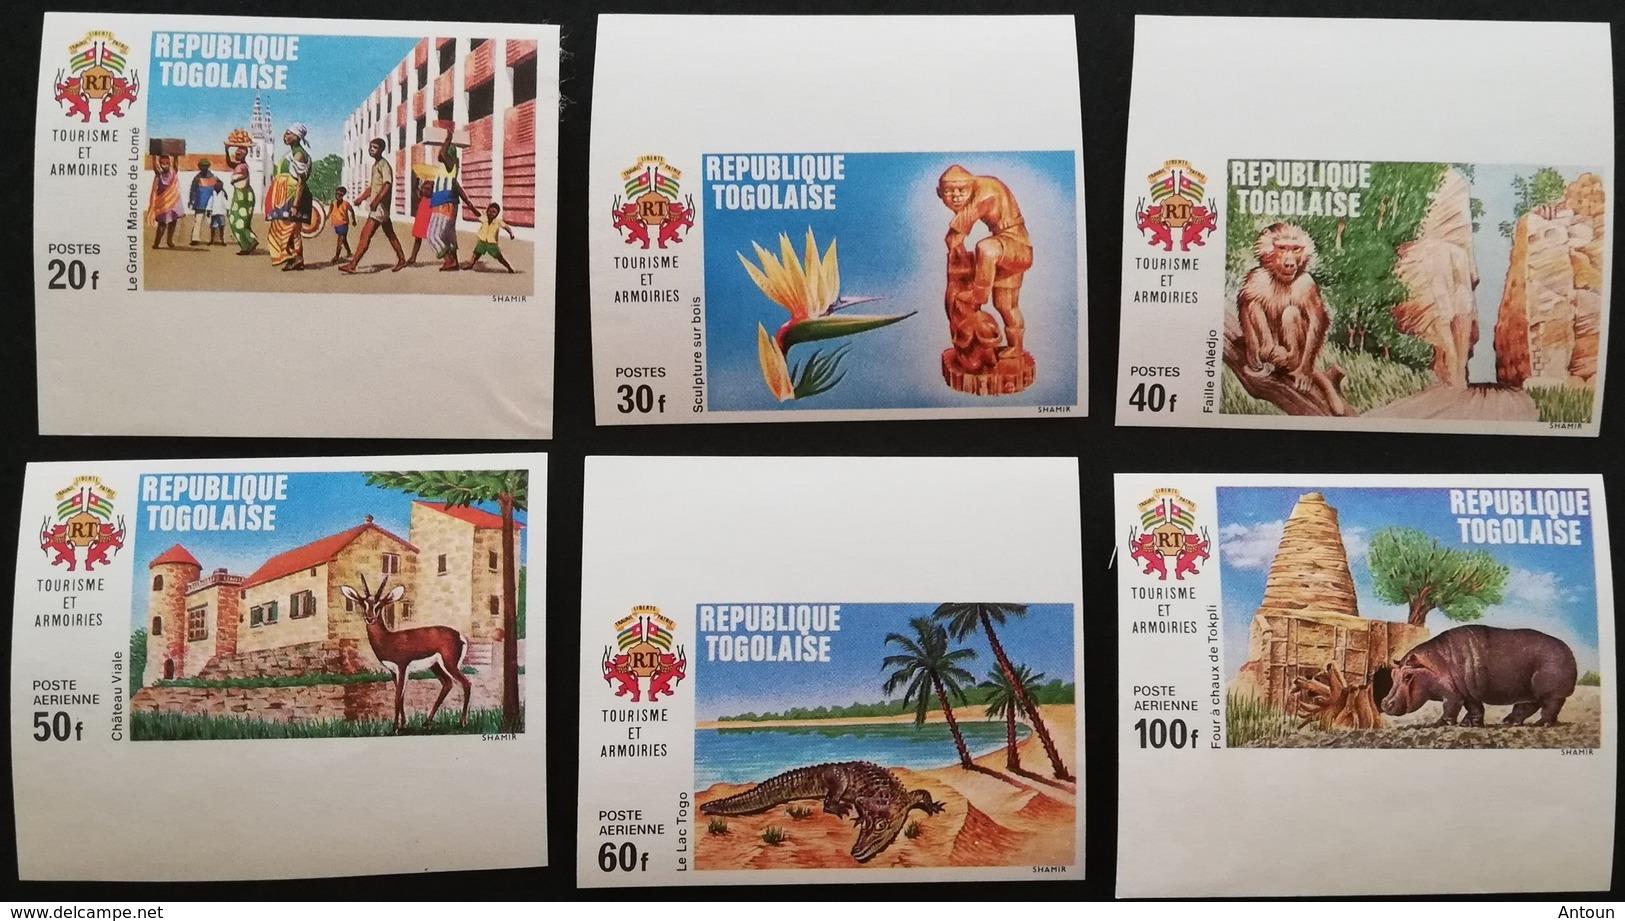 TOGO 1971 Tourist Publicity IMPERF - Togo (1960-...)